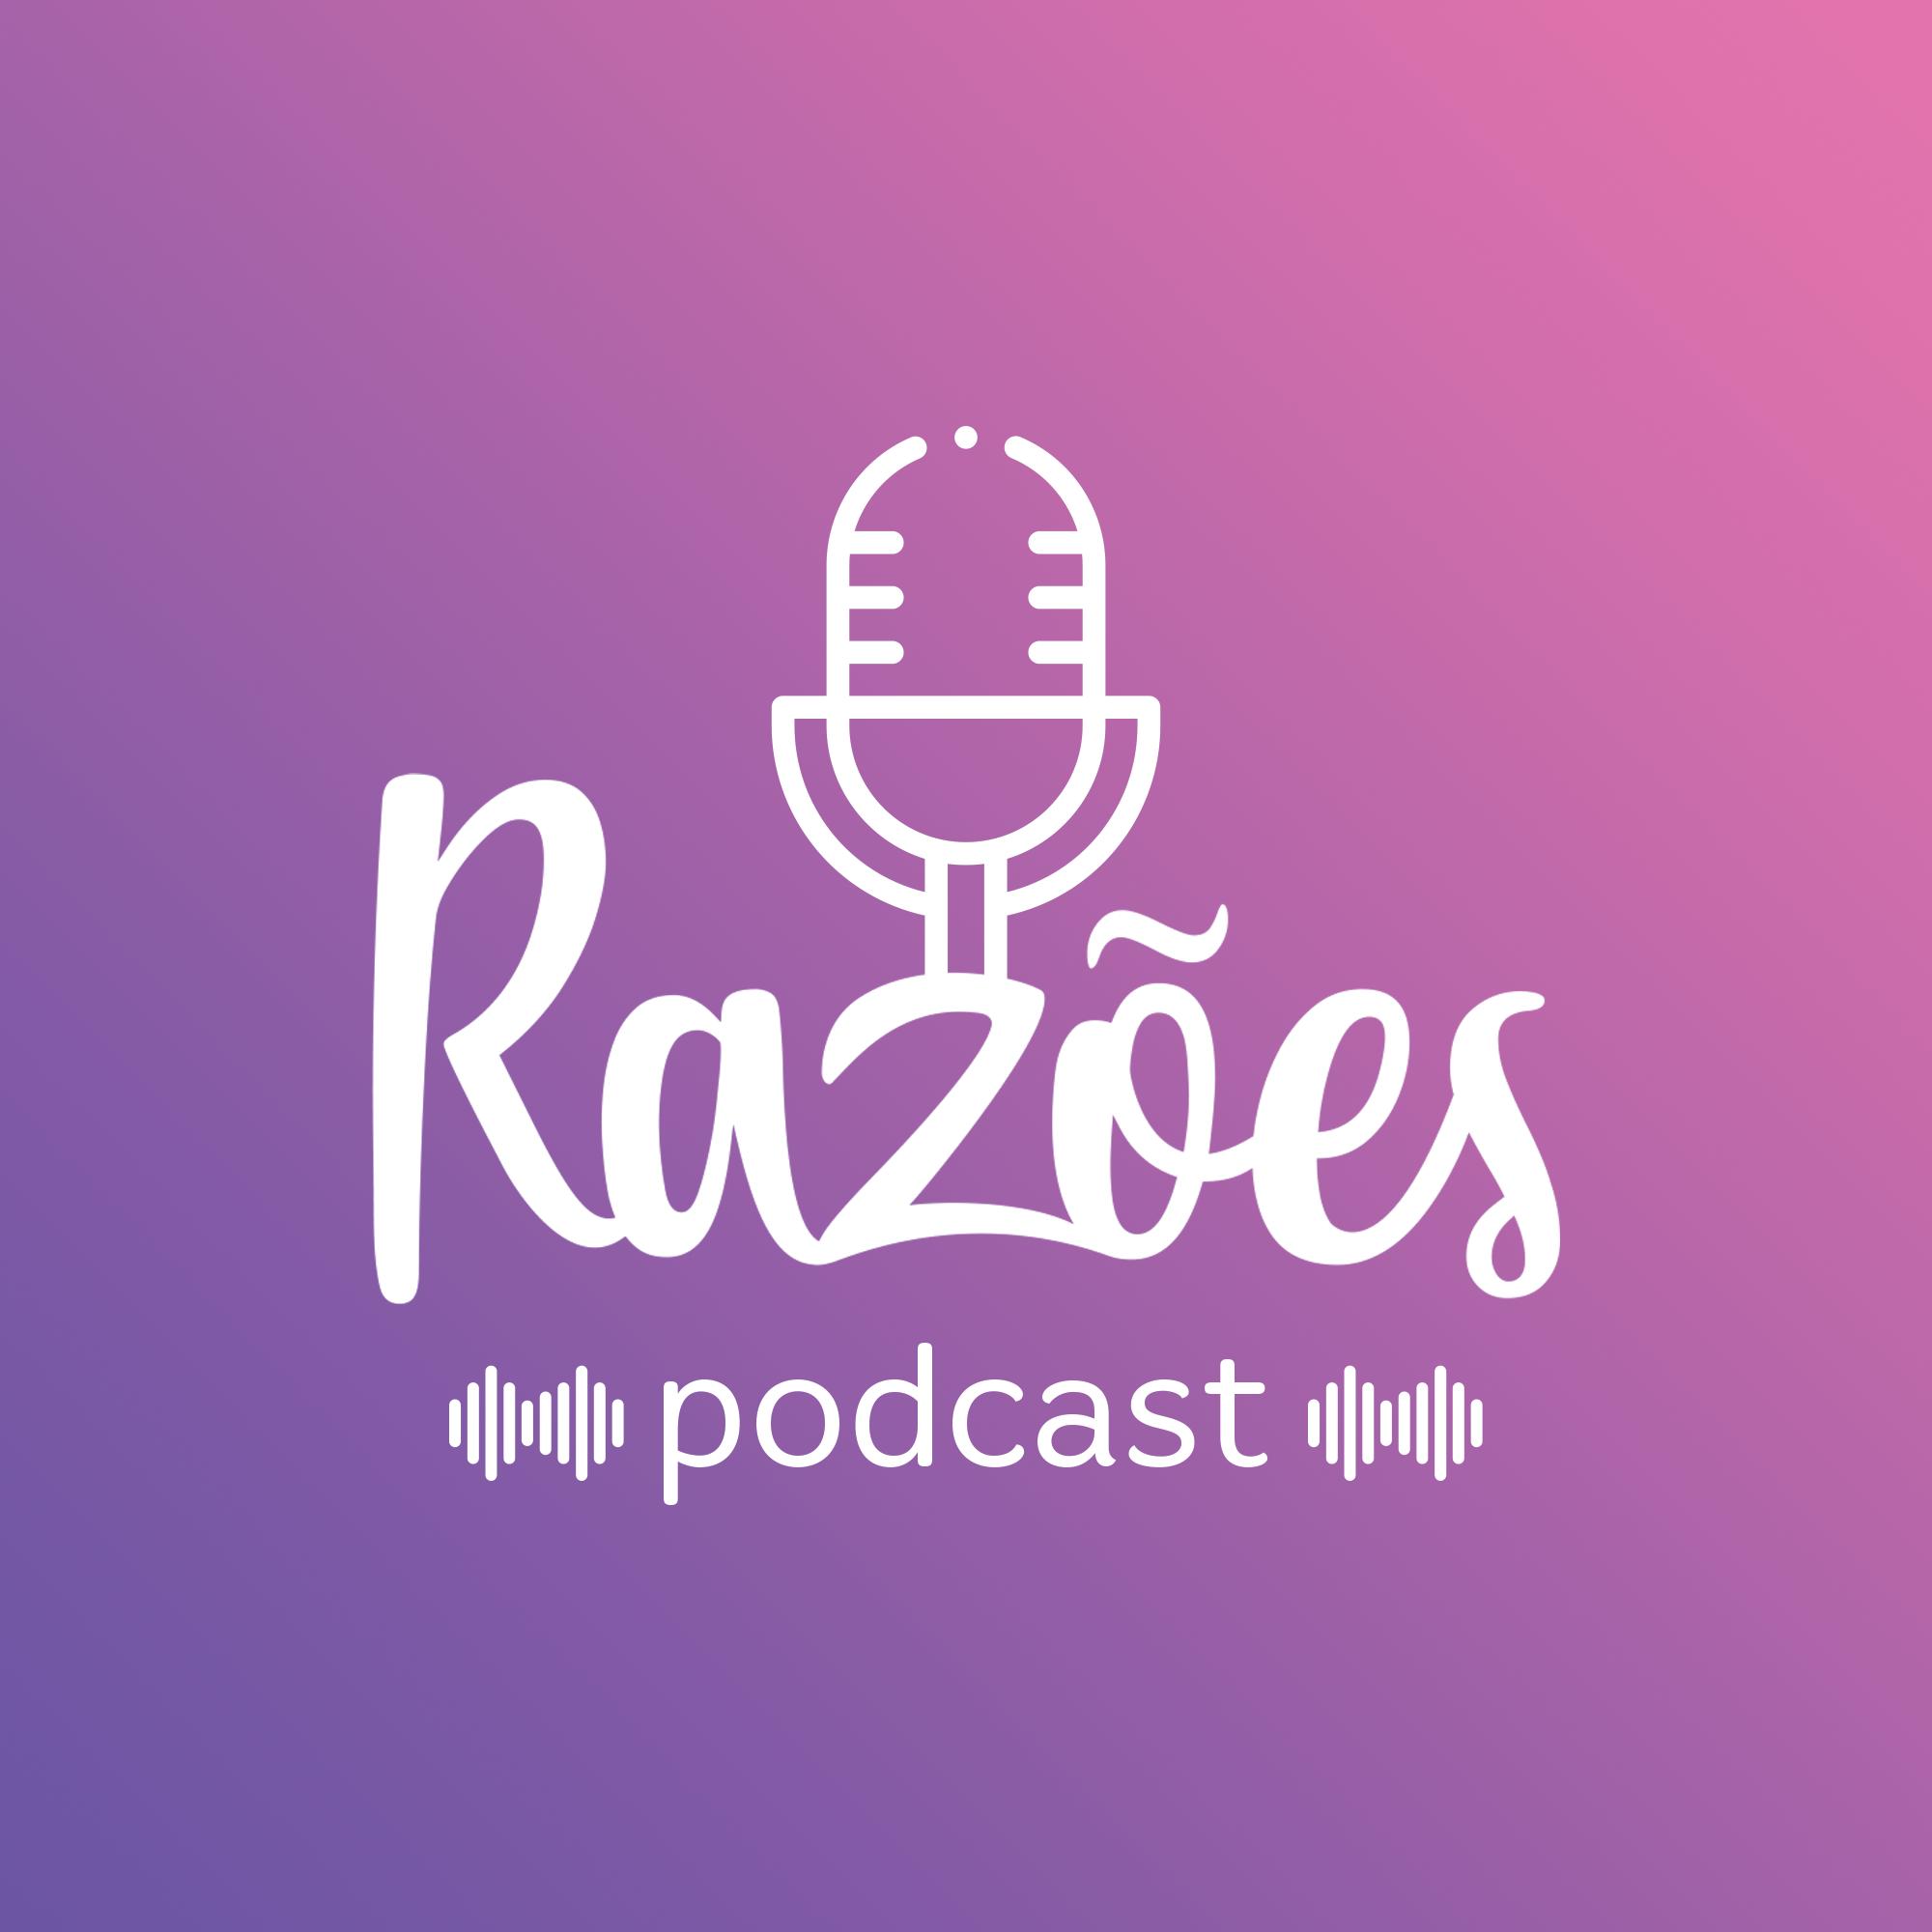 @razoespodcast Profile Image | Linktree